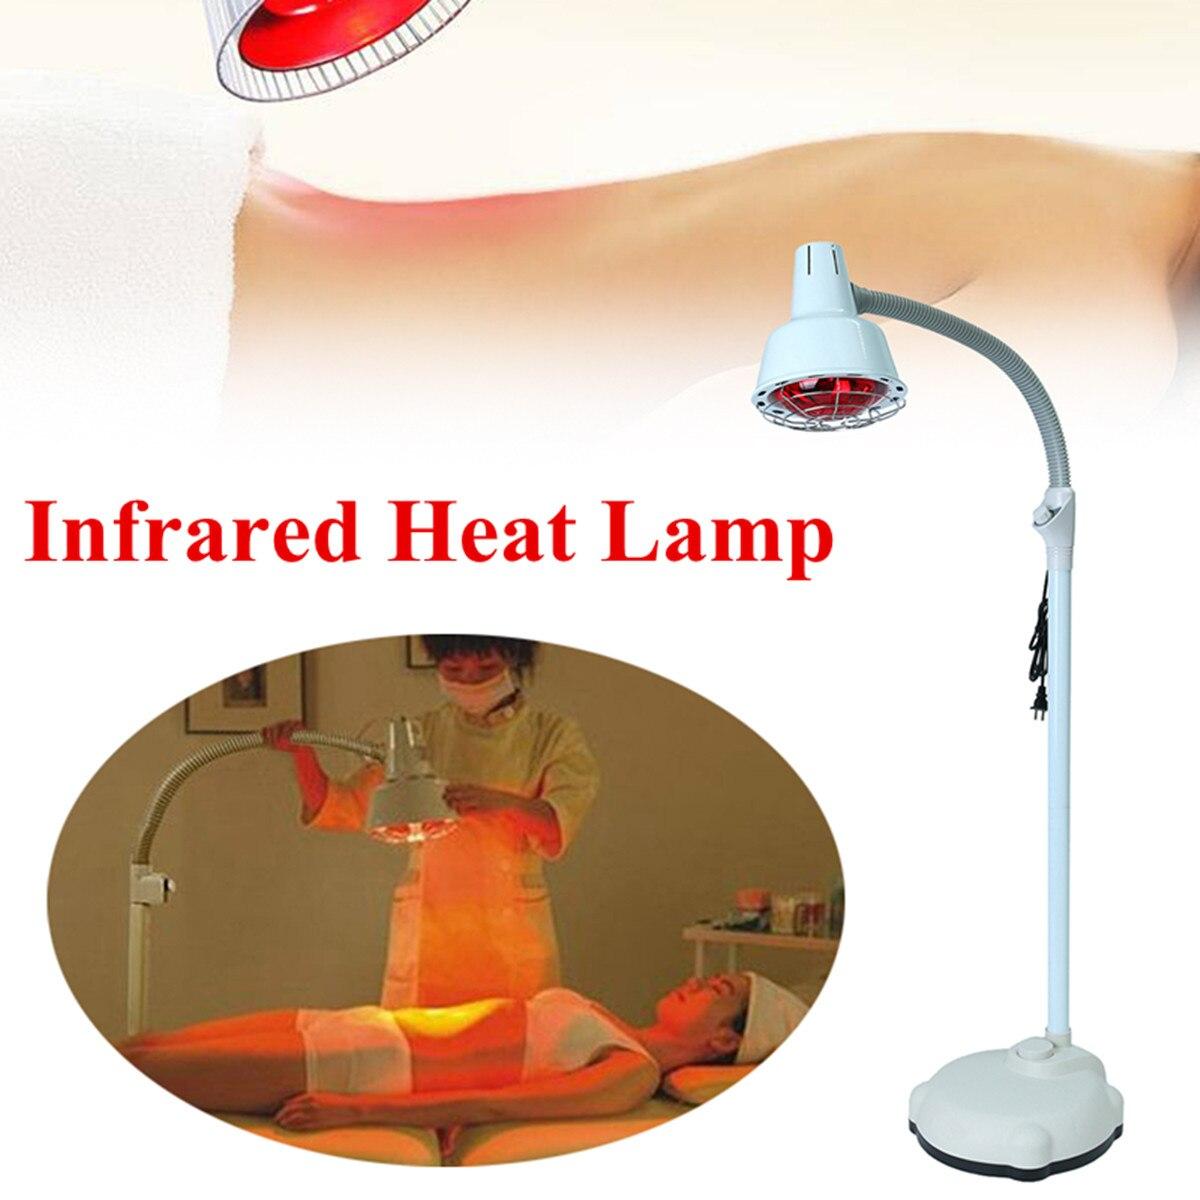 220 В 275 Вт напольная подставка инфракрасного тепла лампы Регулируемый Температура для мышечные боли холодной помощи световой терапии инфра ...